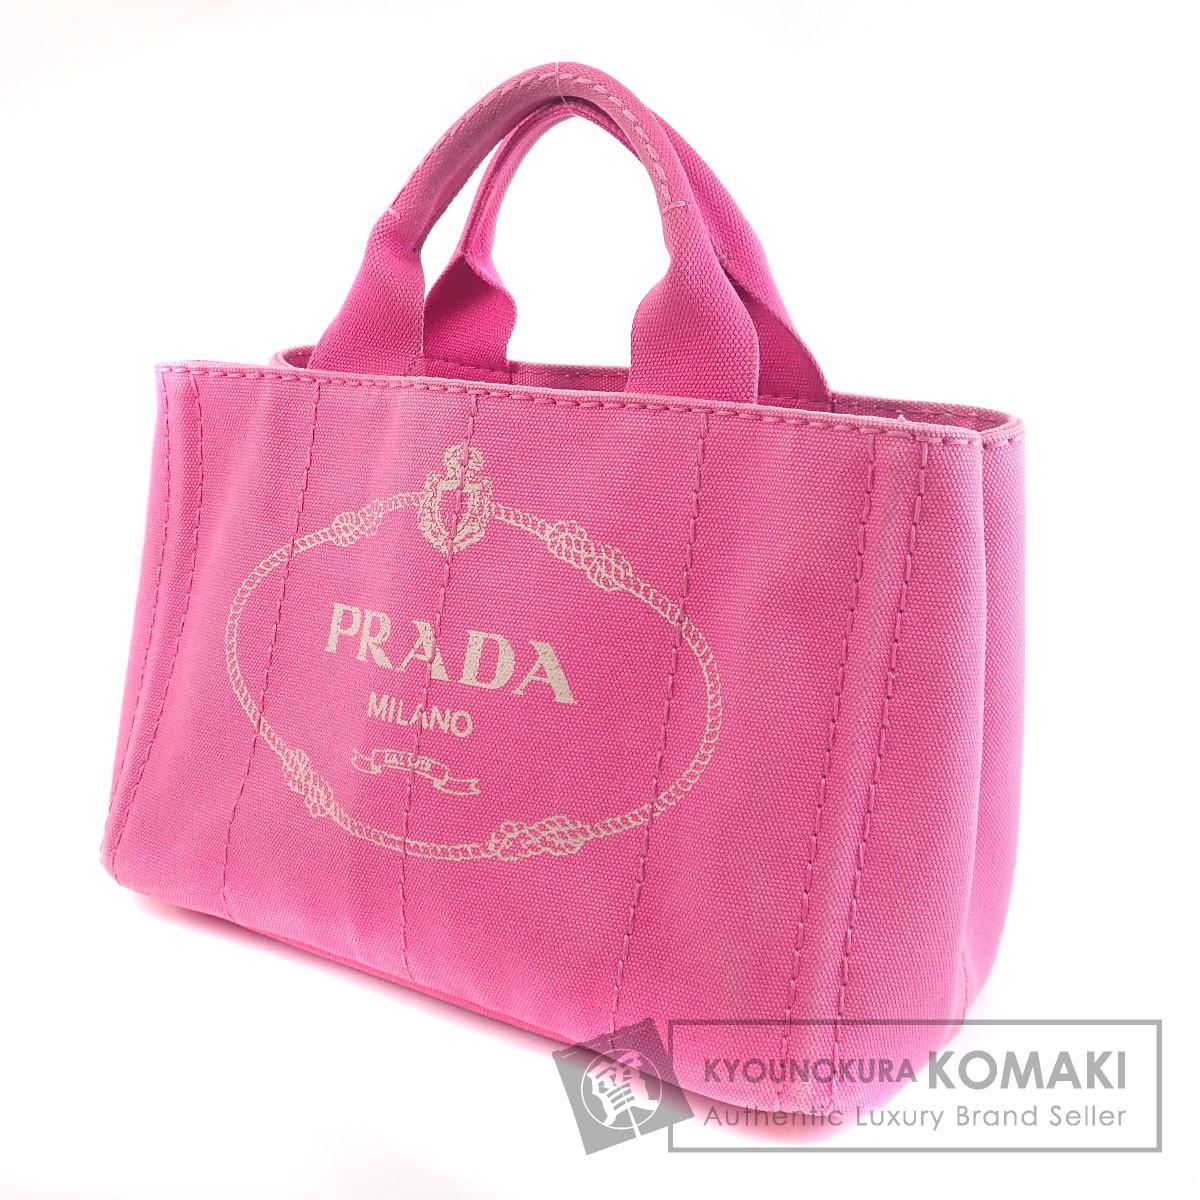 PRADA カナパ BN2439 トートバッグ キャンバス レディース 【中古】【プラダ】